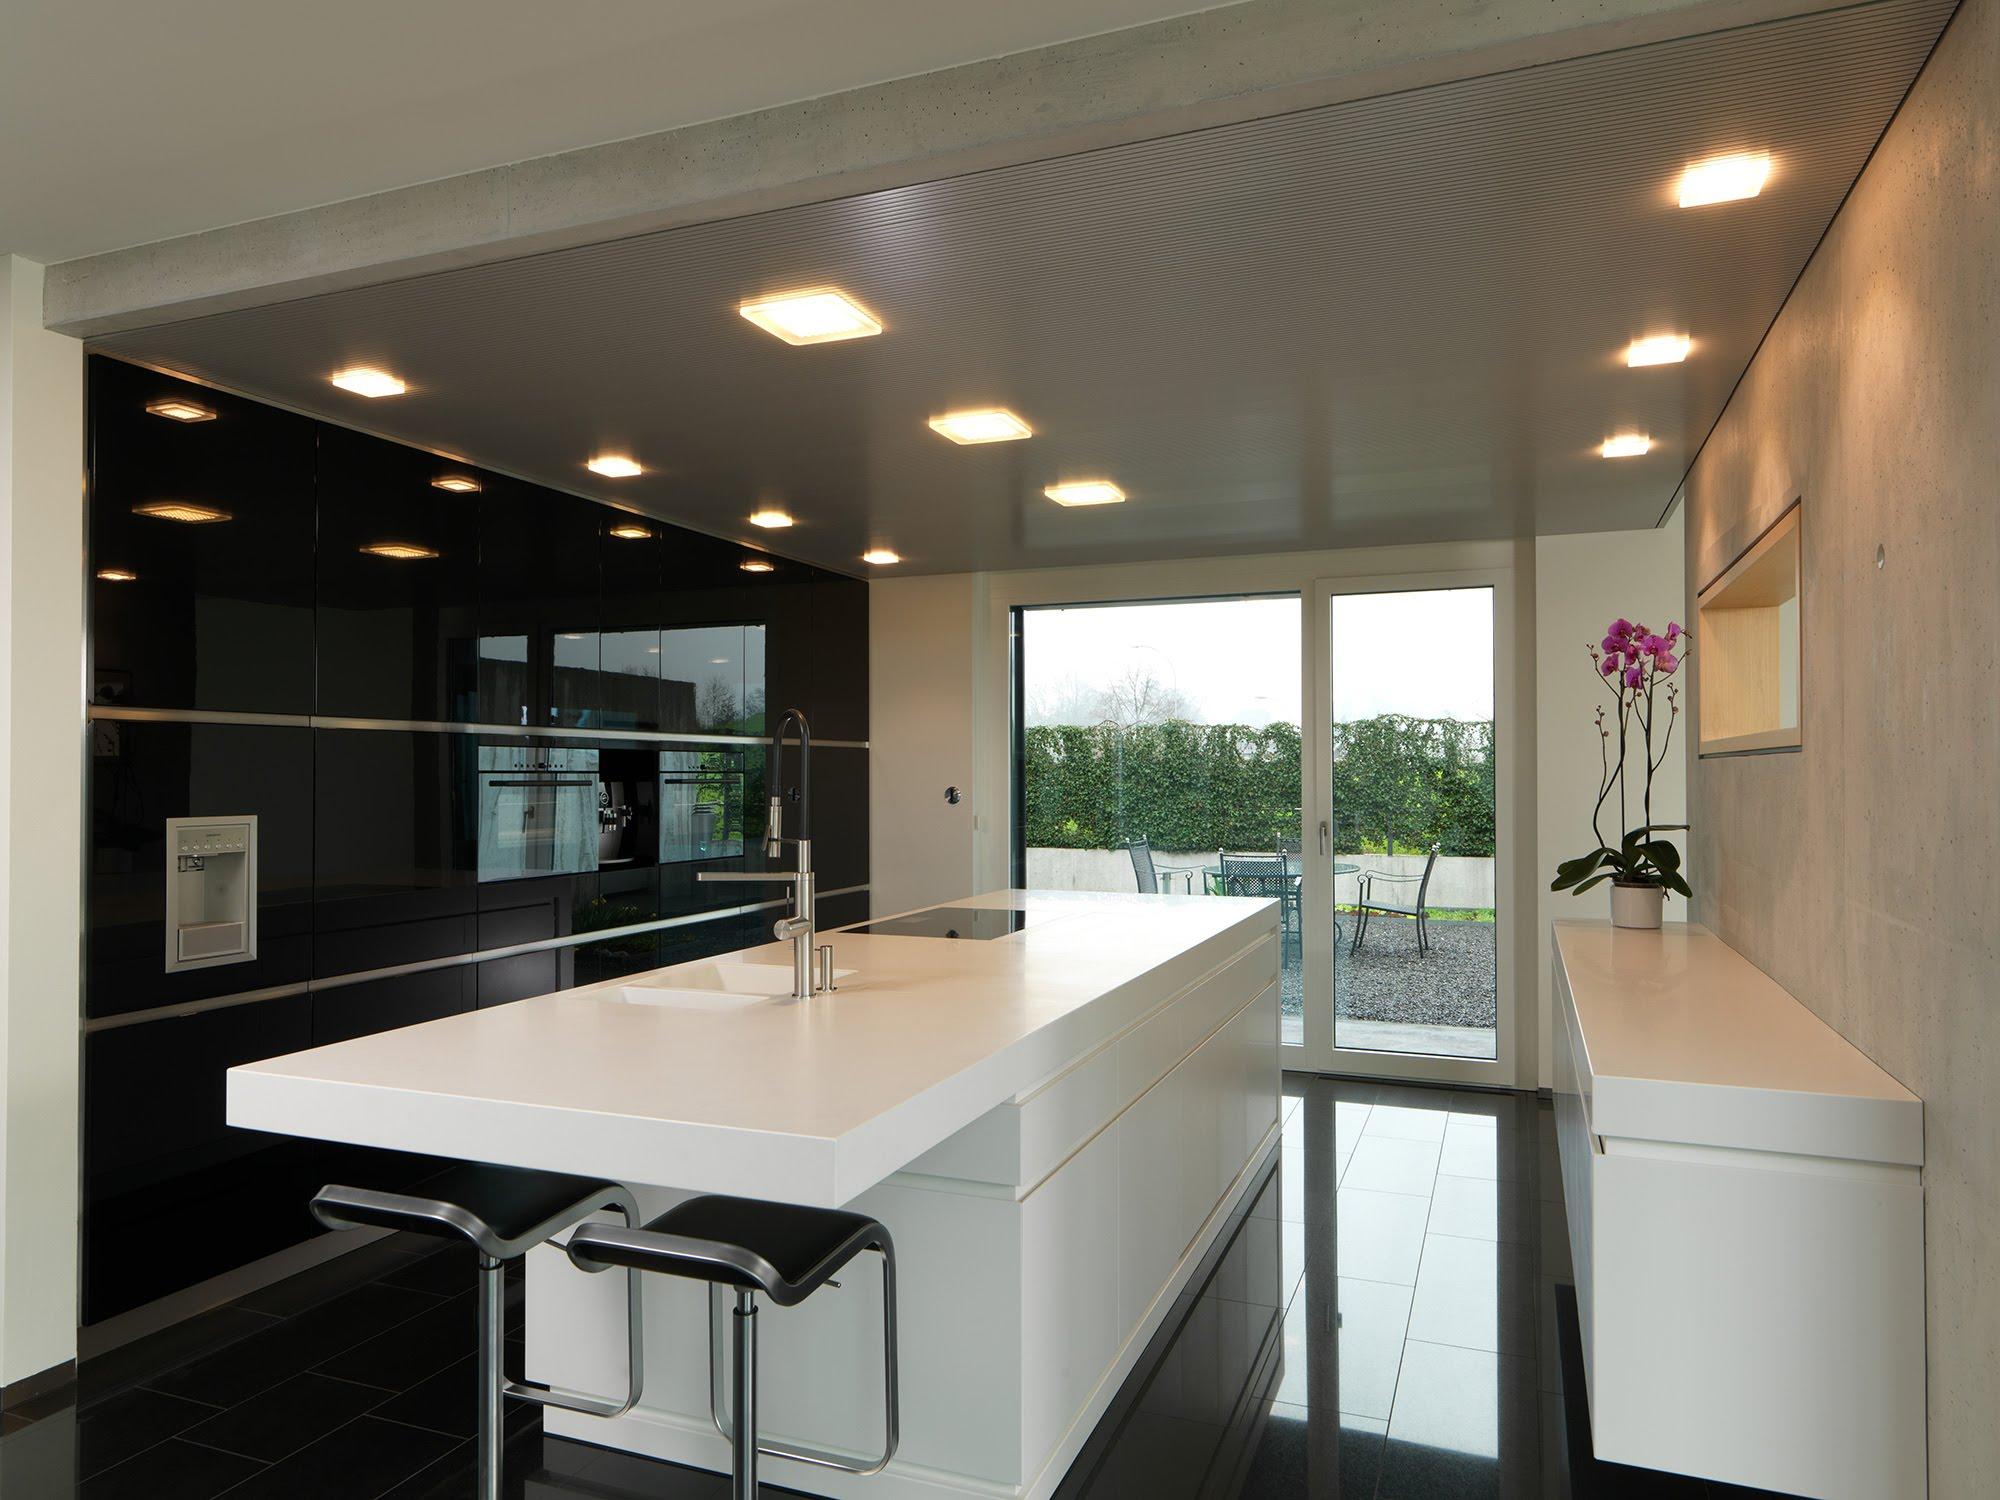 Hochglanzküche in Risch - Küchen & Küchenumbau-Küchen werden immer mehr zum Ort der Begegnung - Sursee, Willisau, Aargau, Zentralschweiz, Luzern, Zofingen